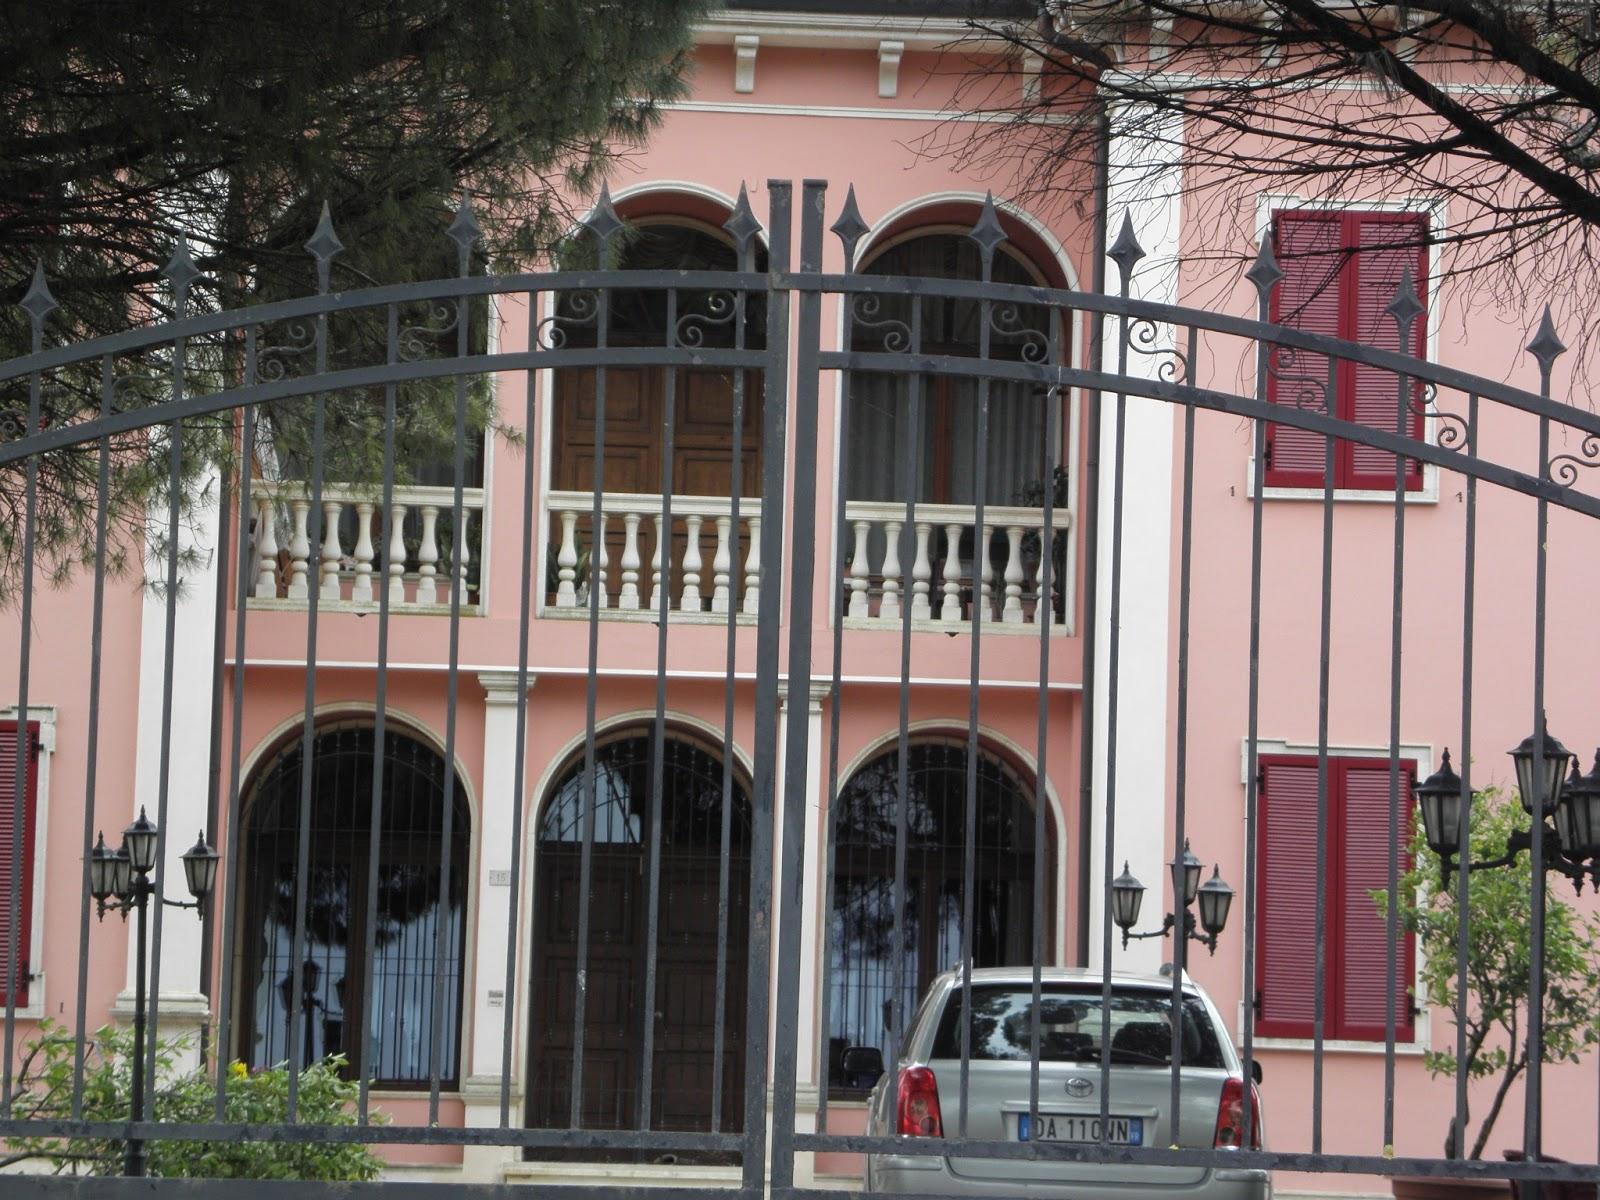 Cool villa merlin zancanella isole spare menago disegni di for Disegni di ville